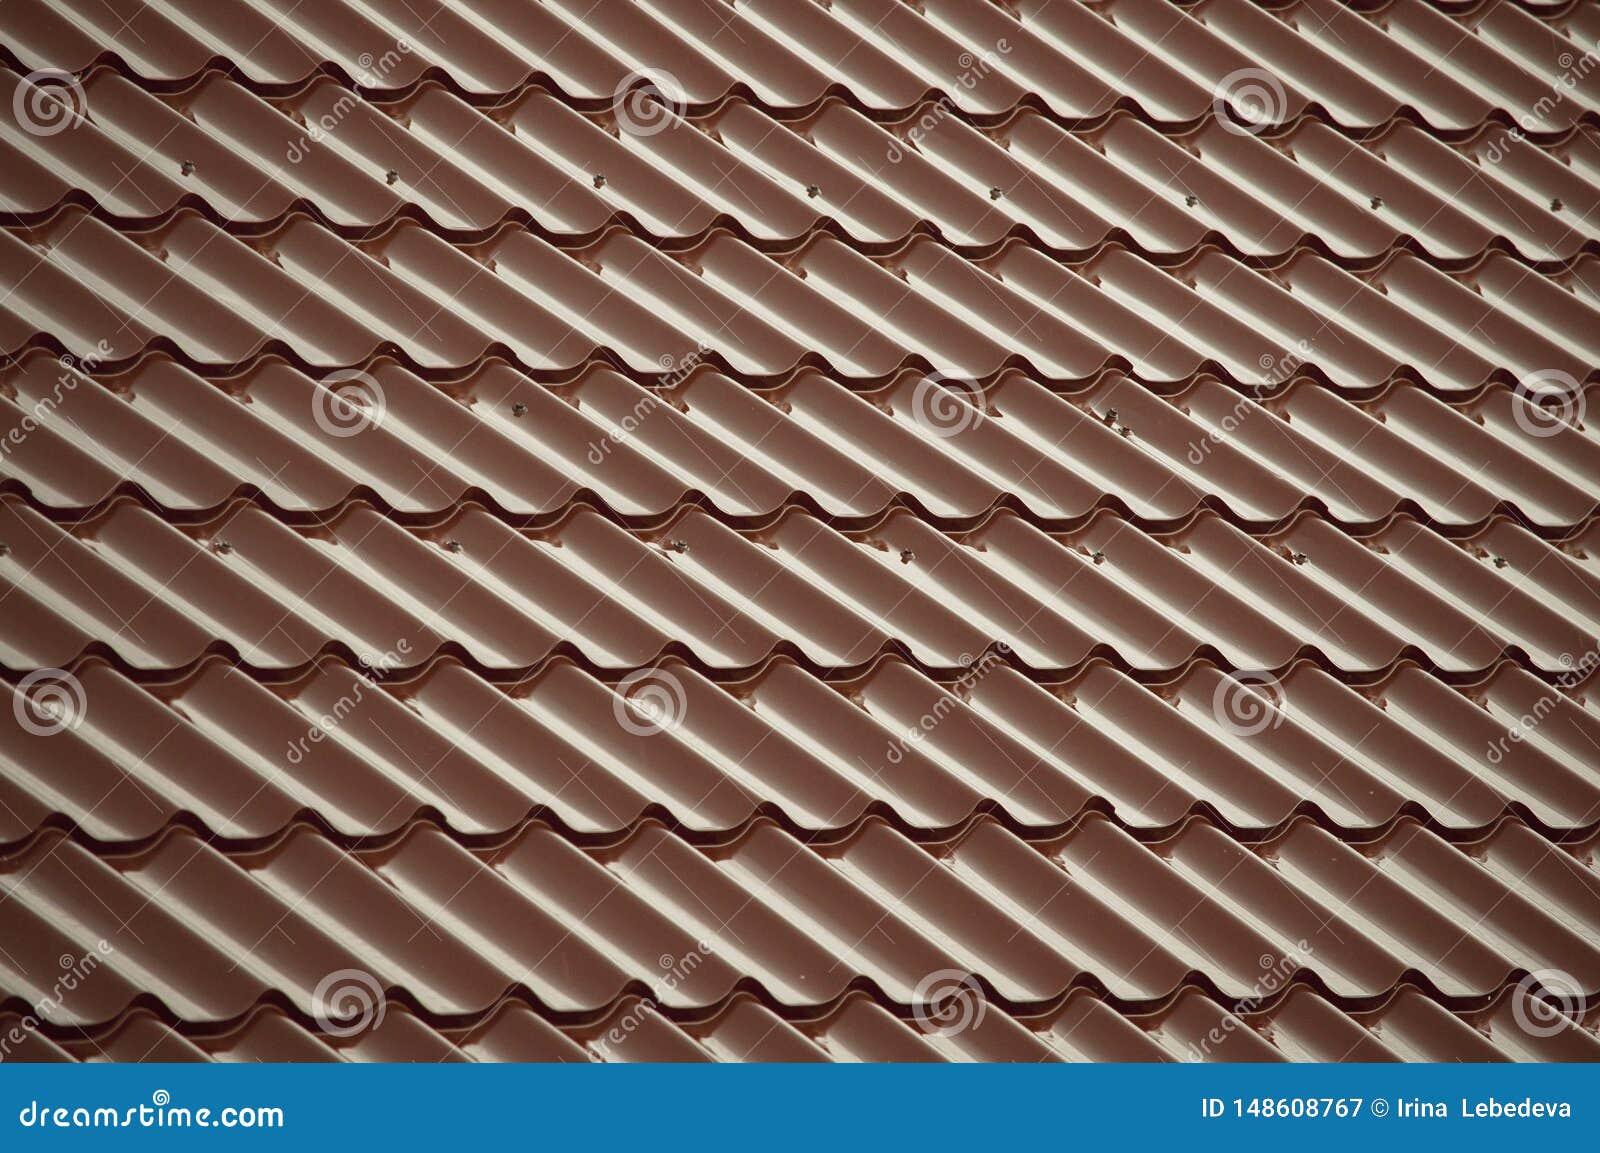 Rewolucjonistek płytki które zakrywają dach